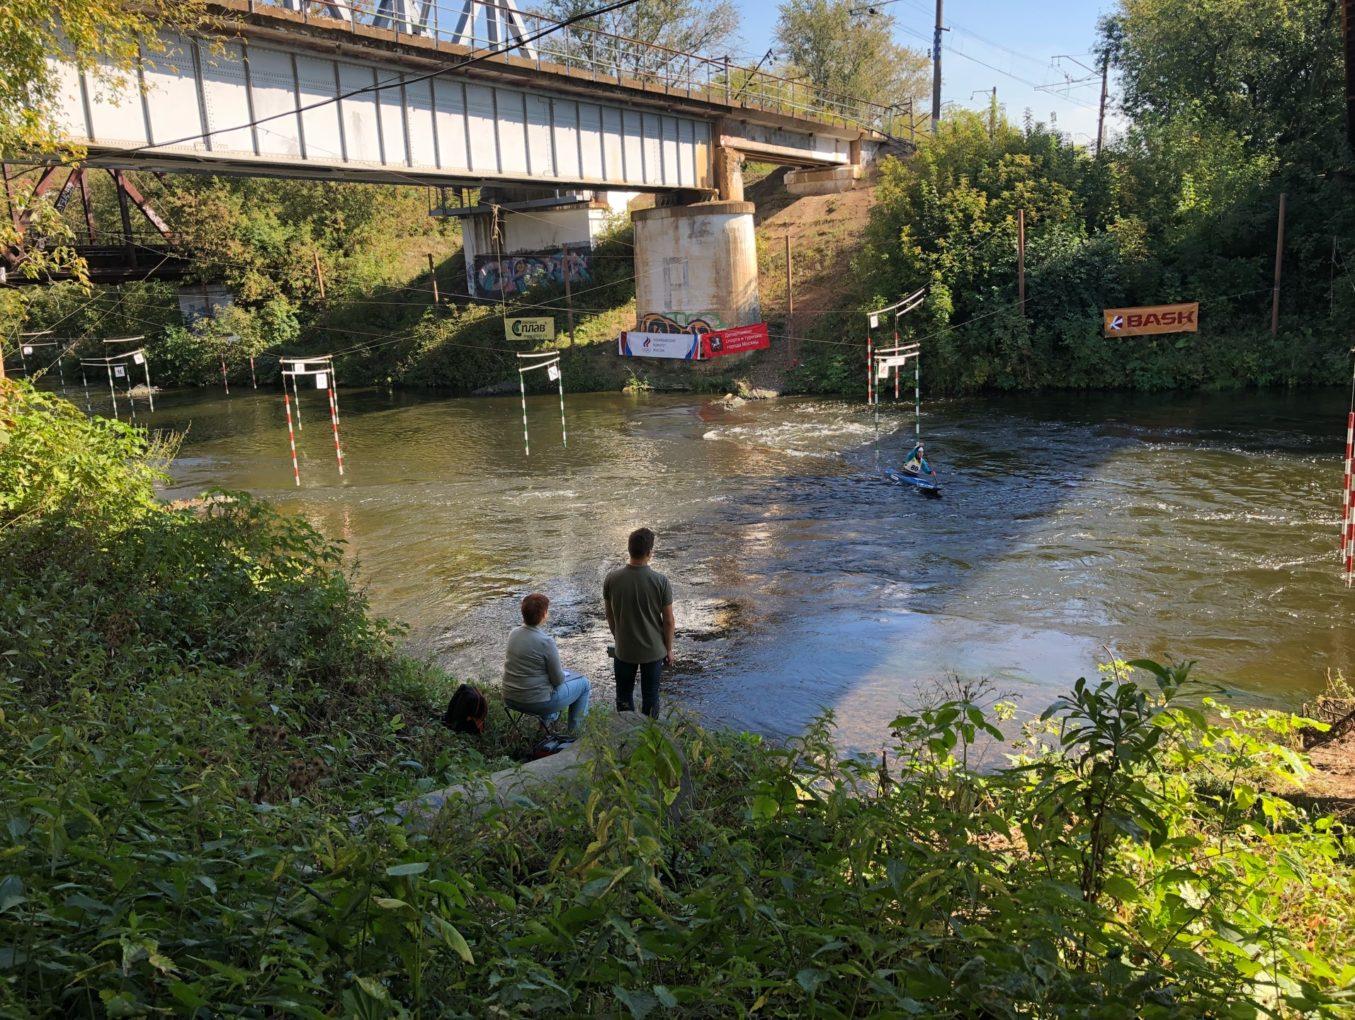 В связи со строительными работами на реке Сходня в районе моста тренировки запрещены